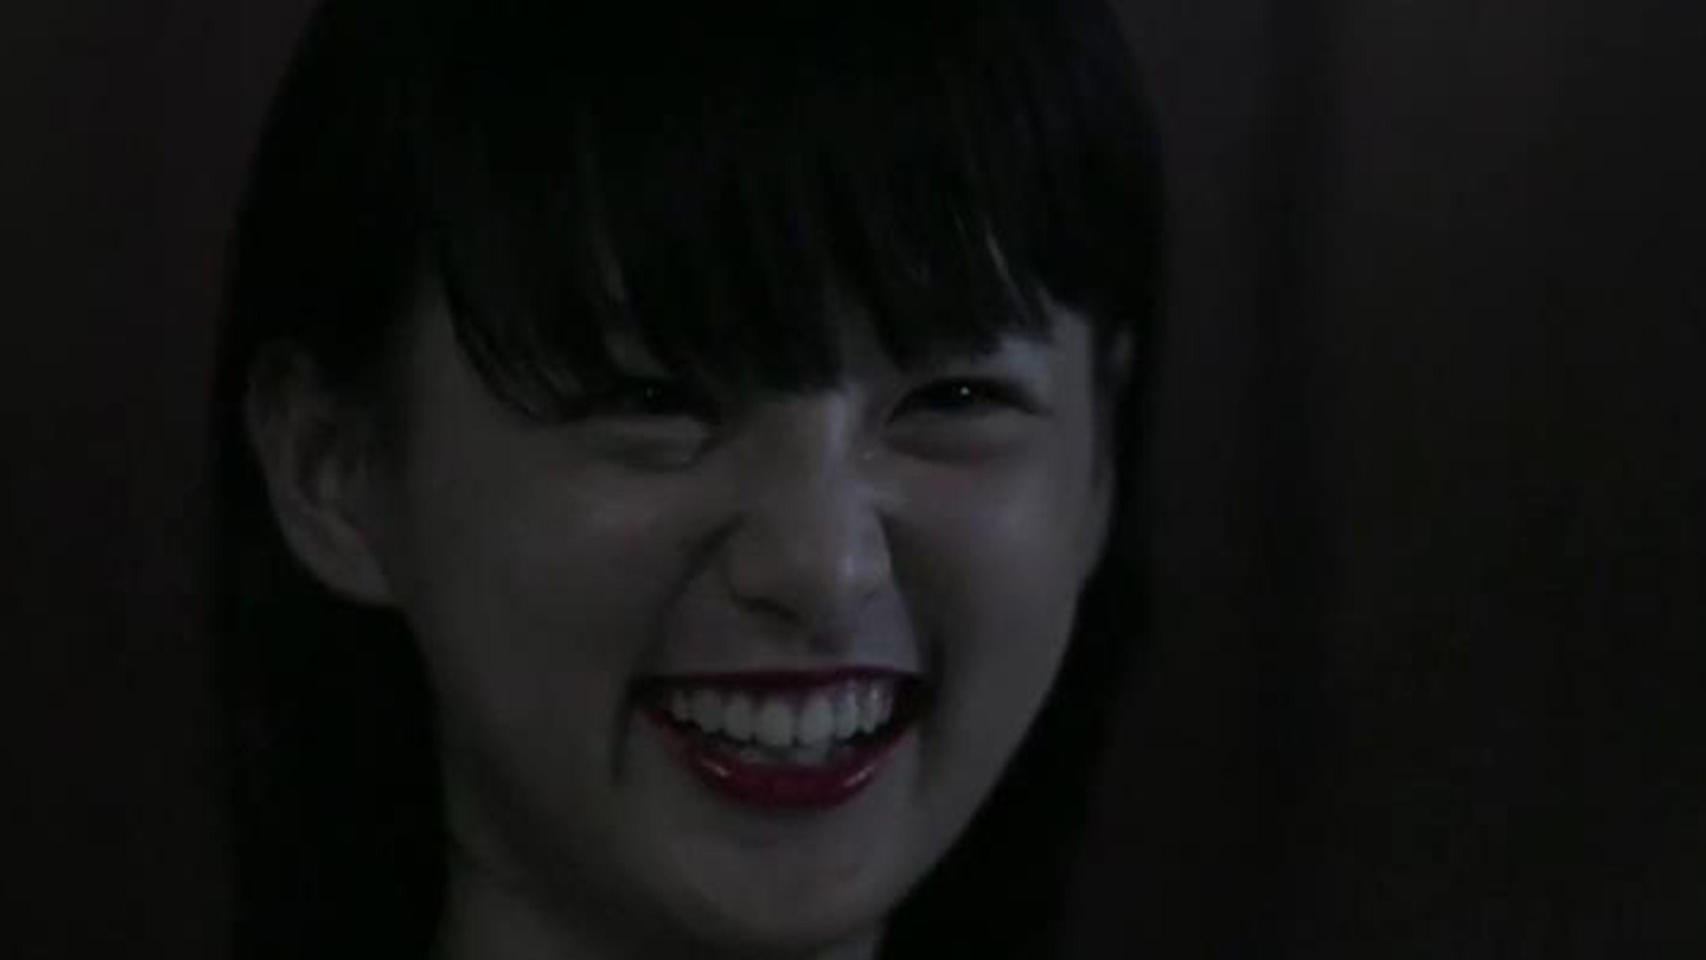 胆小者看的恐怖电影解说:几分钟看完泰国恐怖电影《鬼校亡友9》